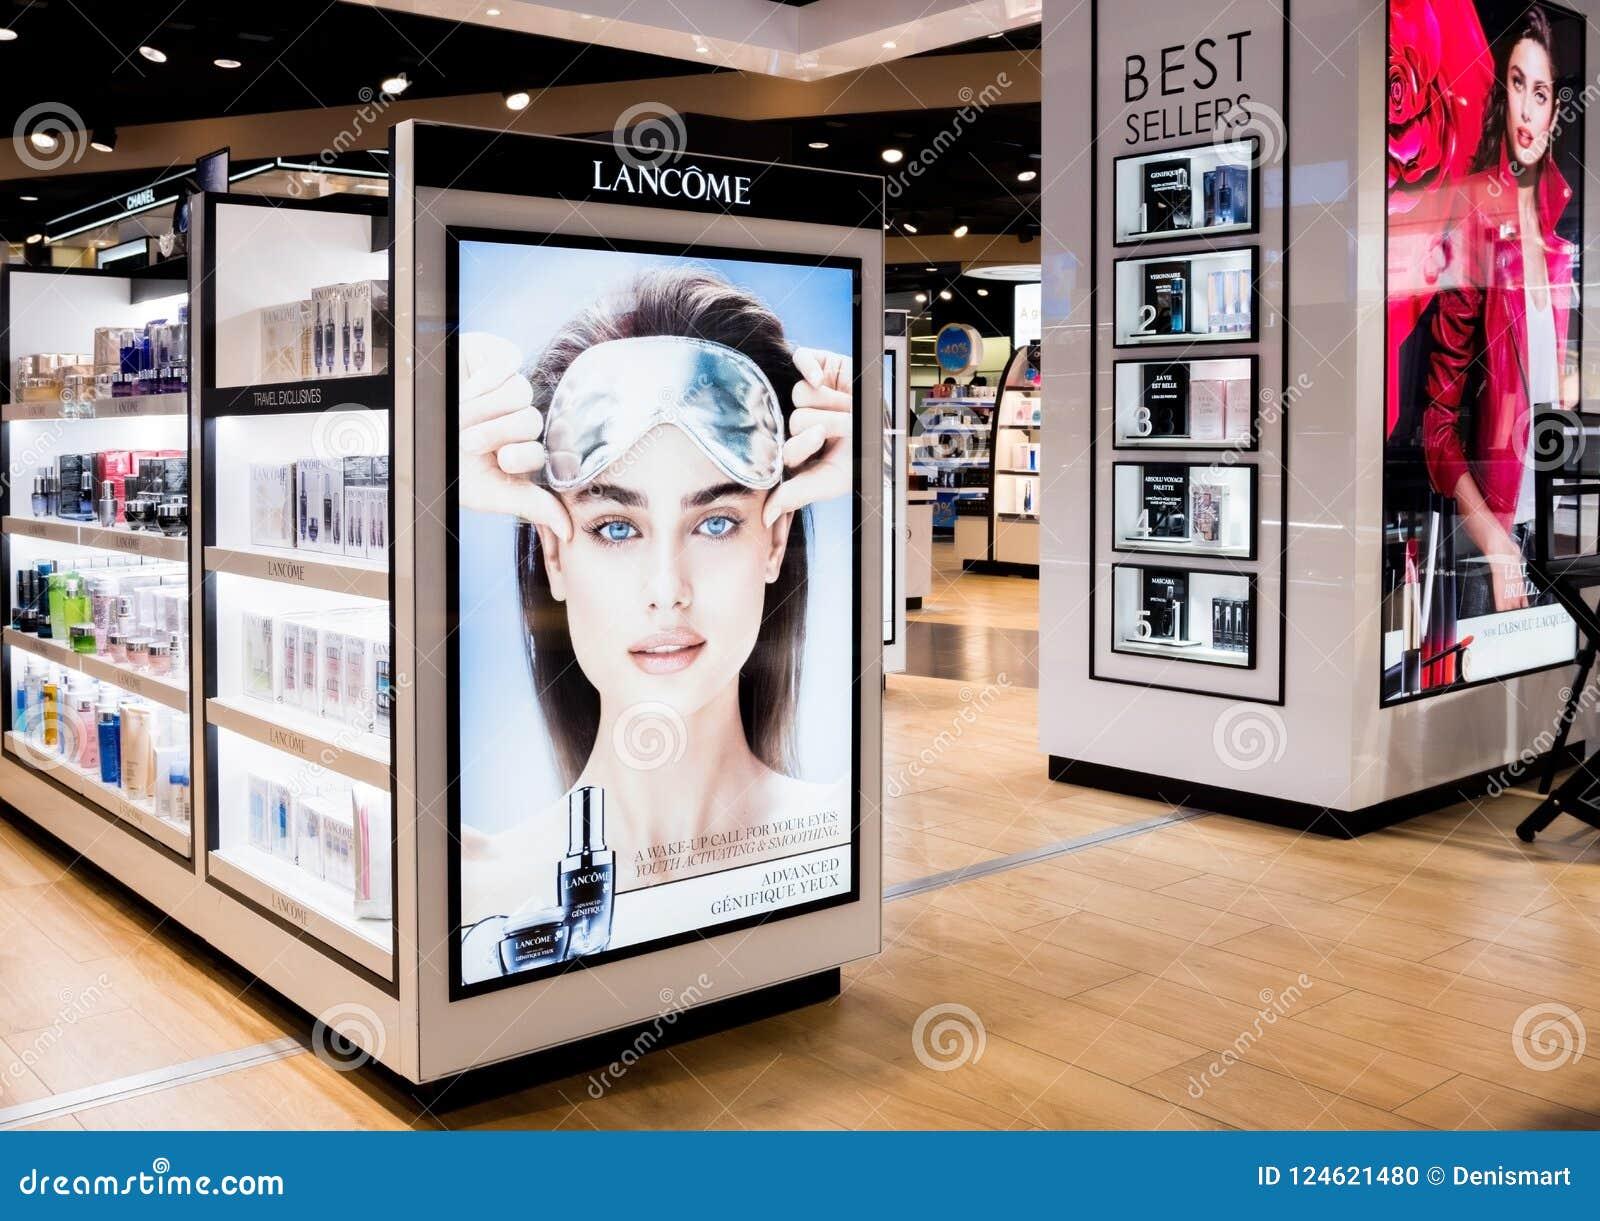 U Août De Et Parfum LondresR 2018Collection Cosmétique 31 8n0ZNPwOkX